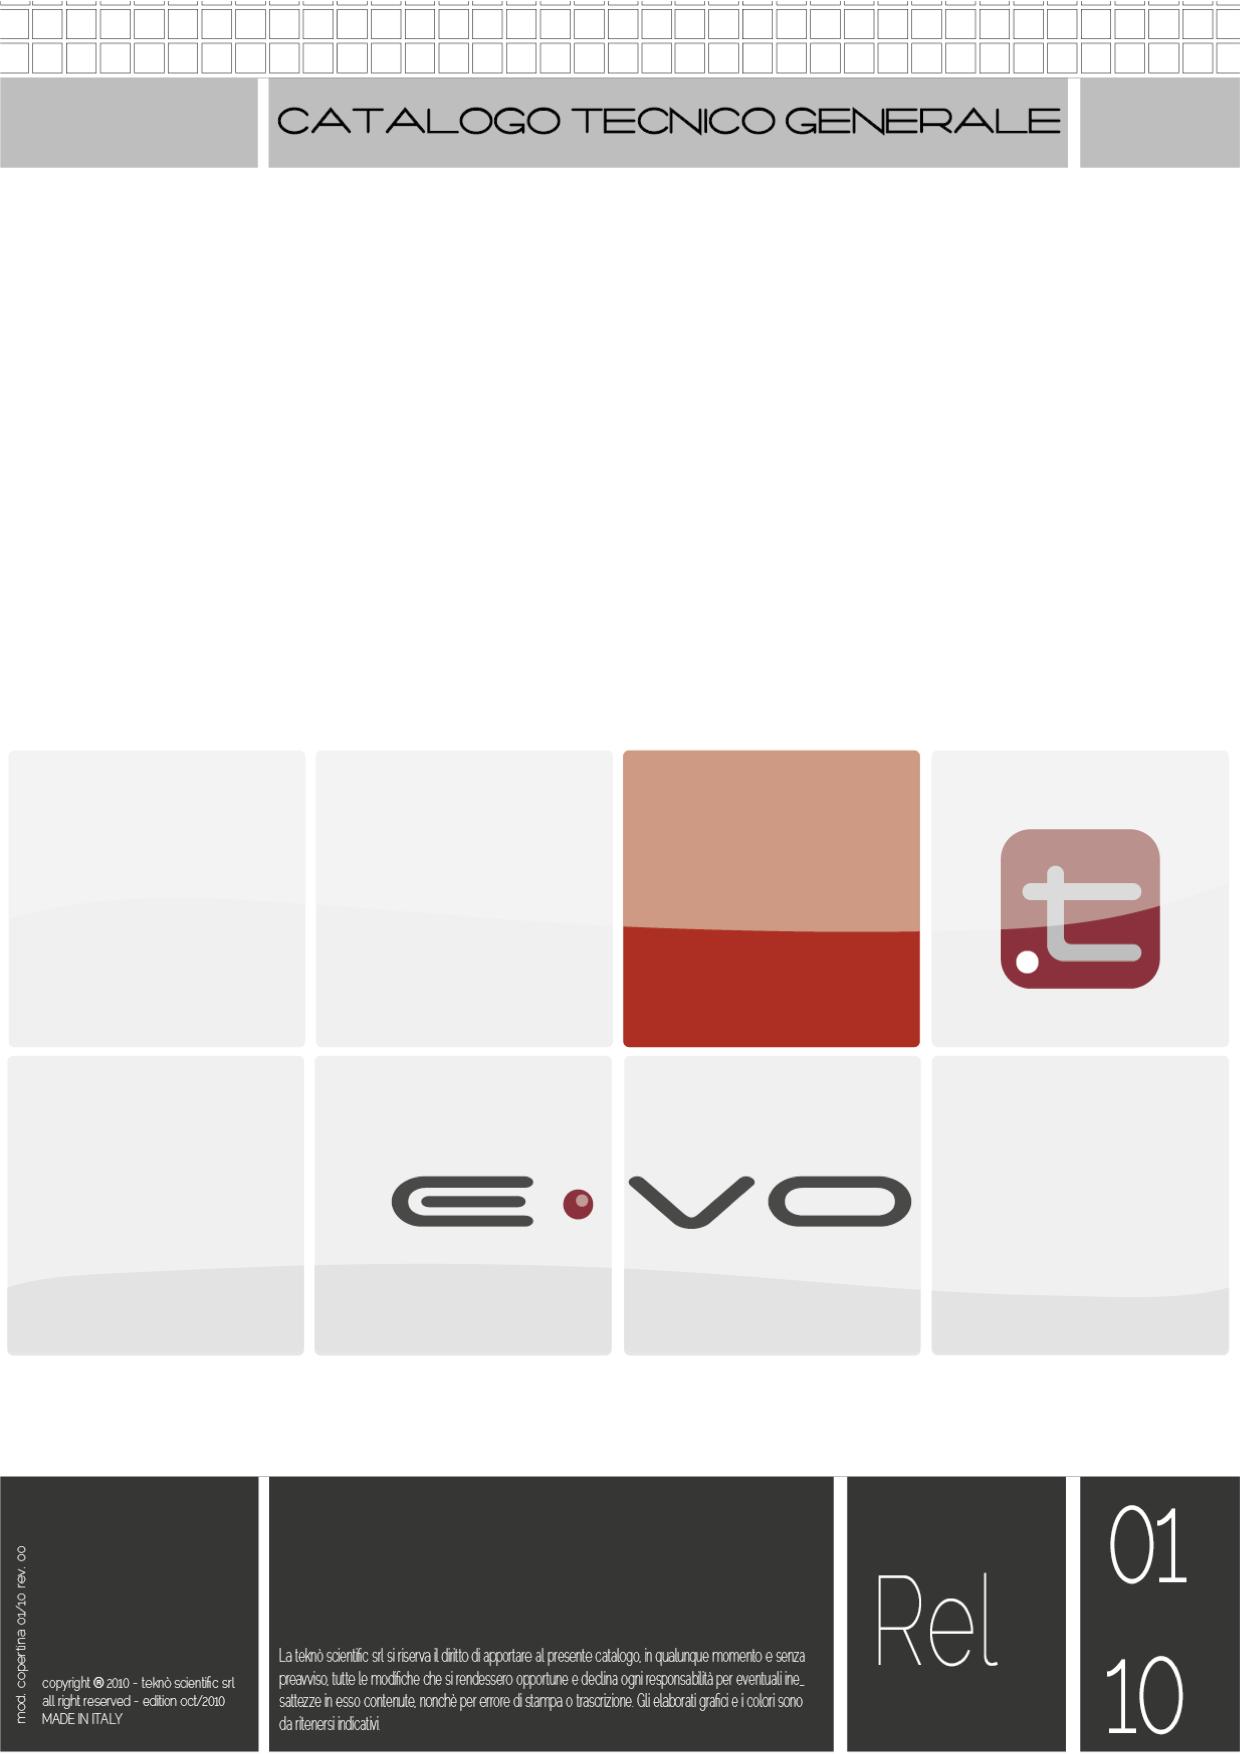 EVO Catalogo Tecnico Generale.png